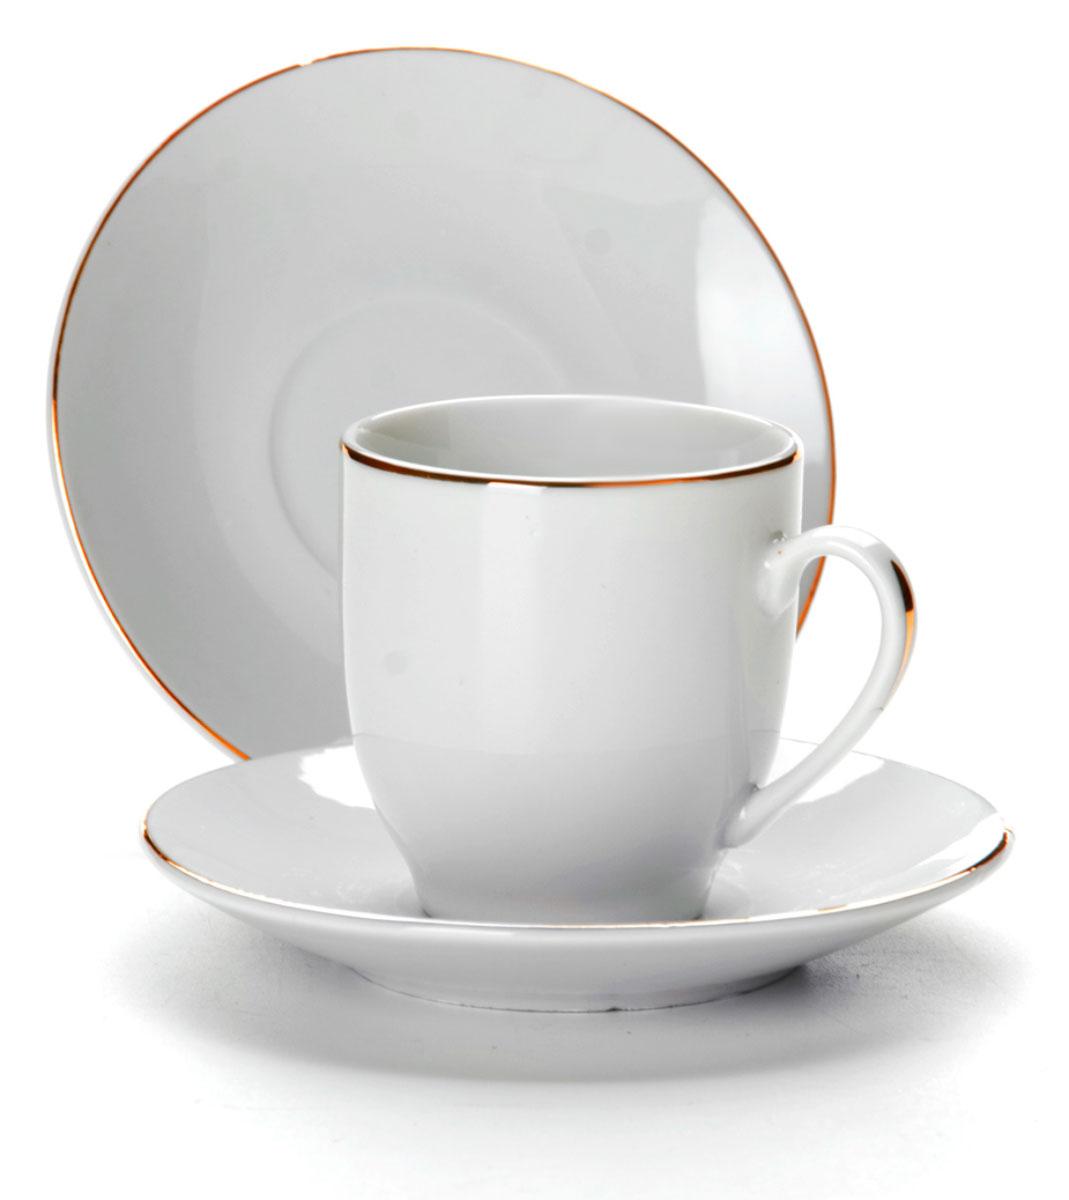 Набор кофейный Loraine, 12 предметов. 25609115610Набор изготовлен из качественной керамики. Керамика безопасна для здоровья и надолго сохраняет тепло напитка. Изысканно белый цвет с золотым декором придает набору элегантный вид. Объем чашки: 90 мл.Диаметр чашки: 6 см.Высота чашки: 5,5 см.Диаметр блюдца: 10,5 см.